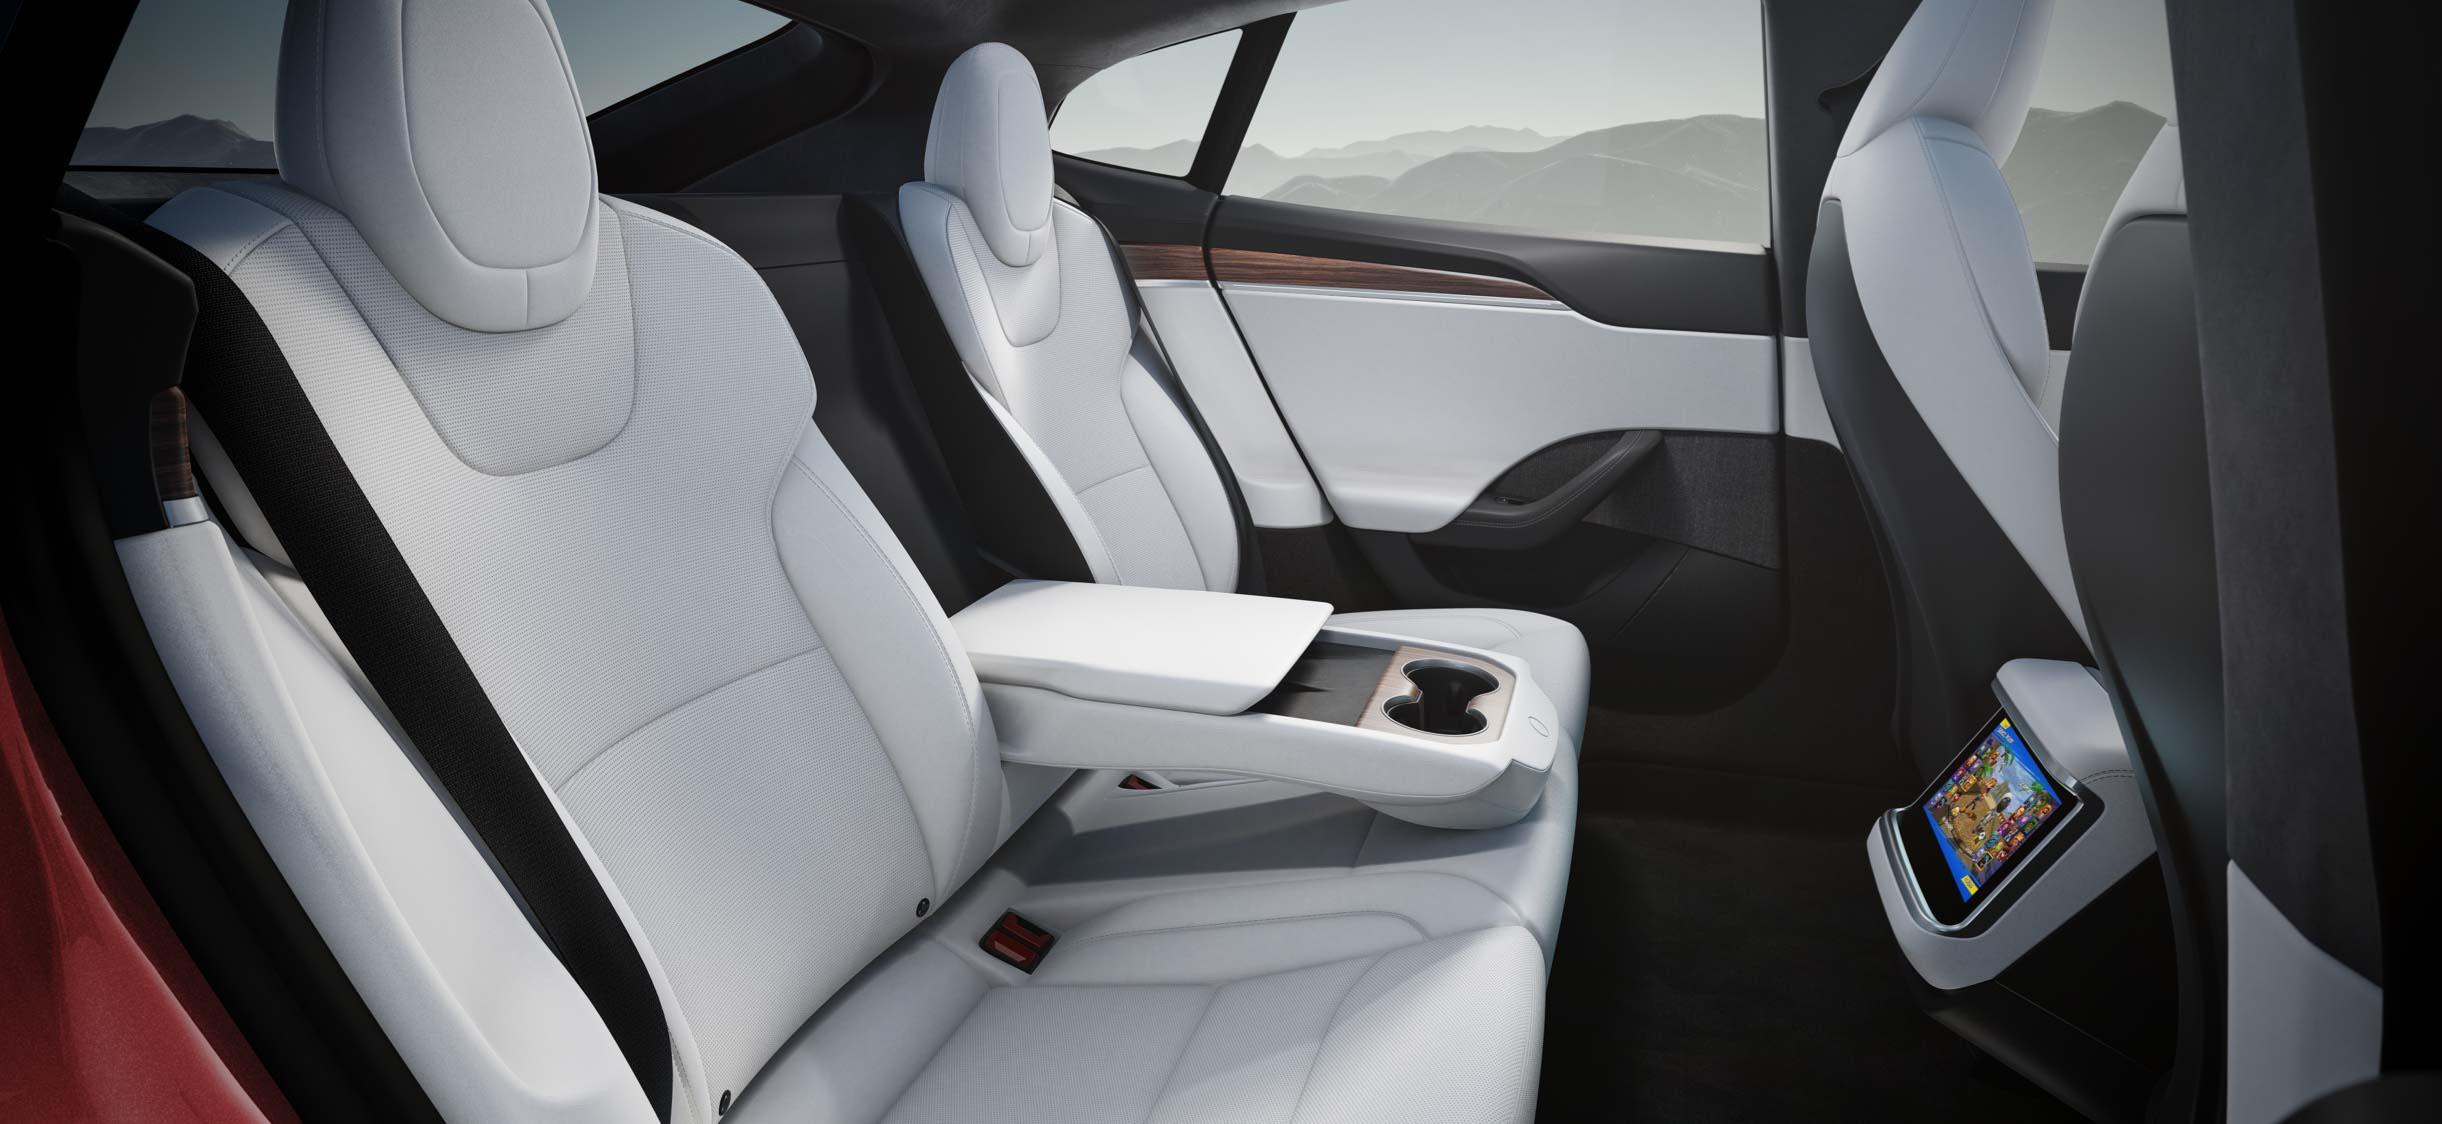 Model S 第二排视角,显示屏和无线充电